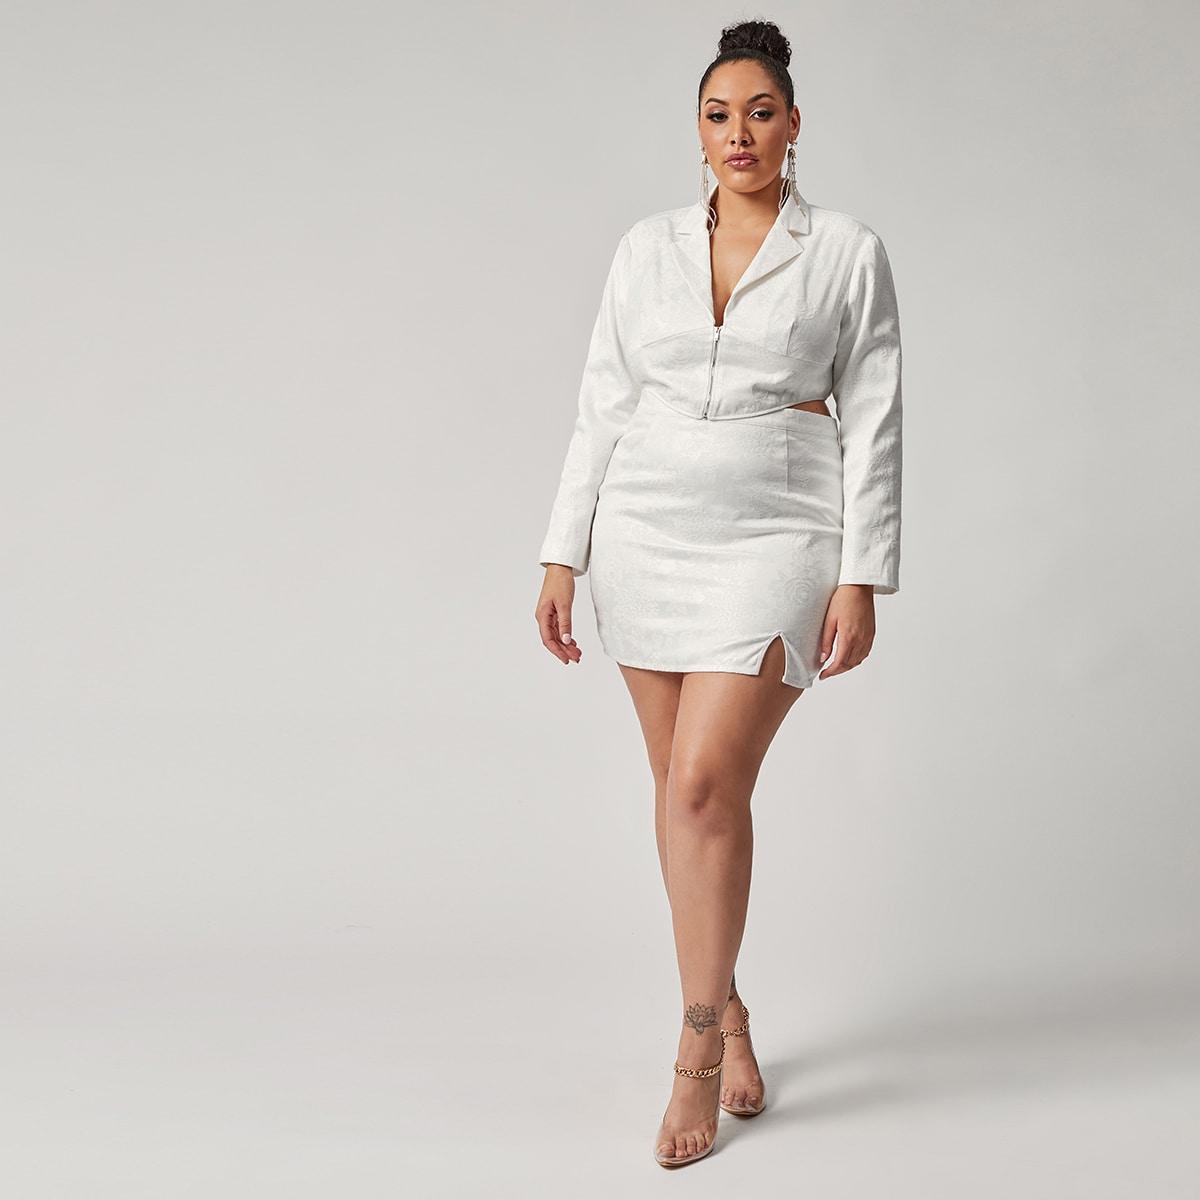 Жаккардовый пиджак размера плюс с молнией